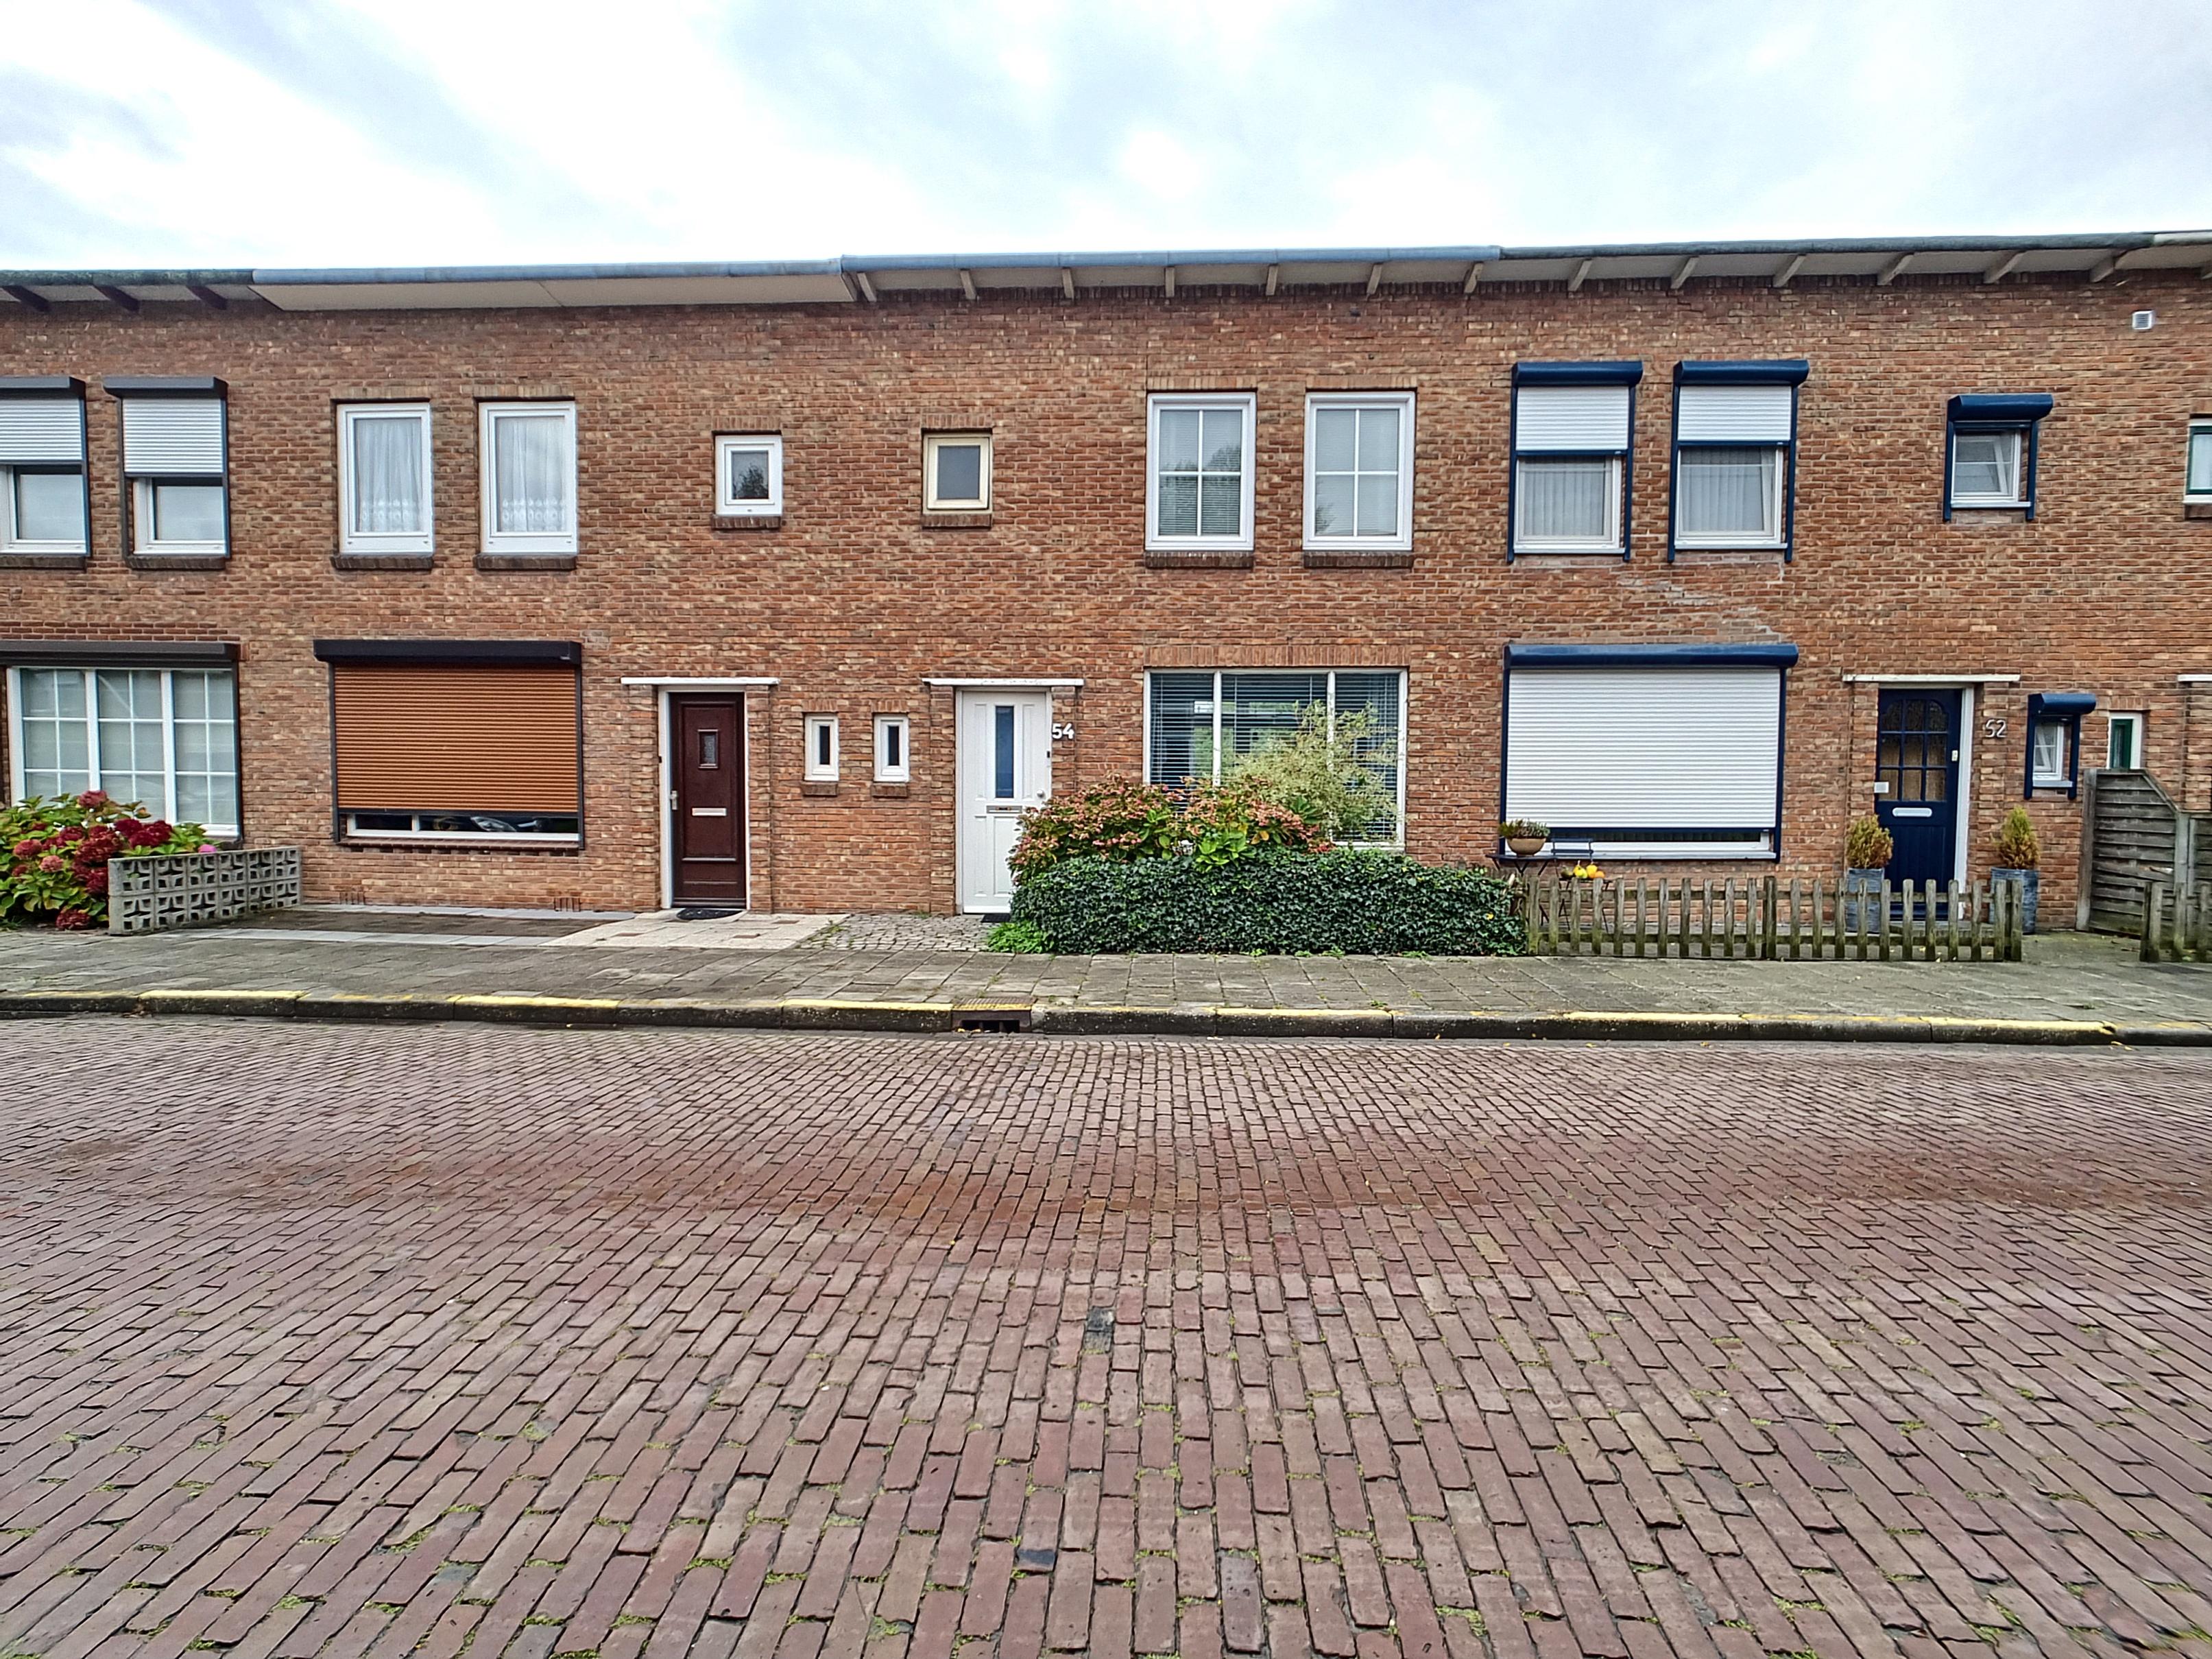 Burgemeester H.A. Callenfelsstraat 54